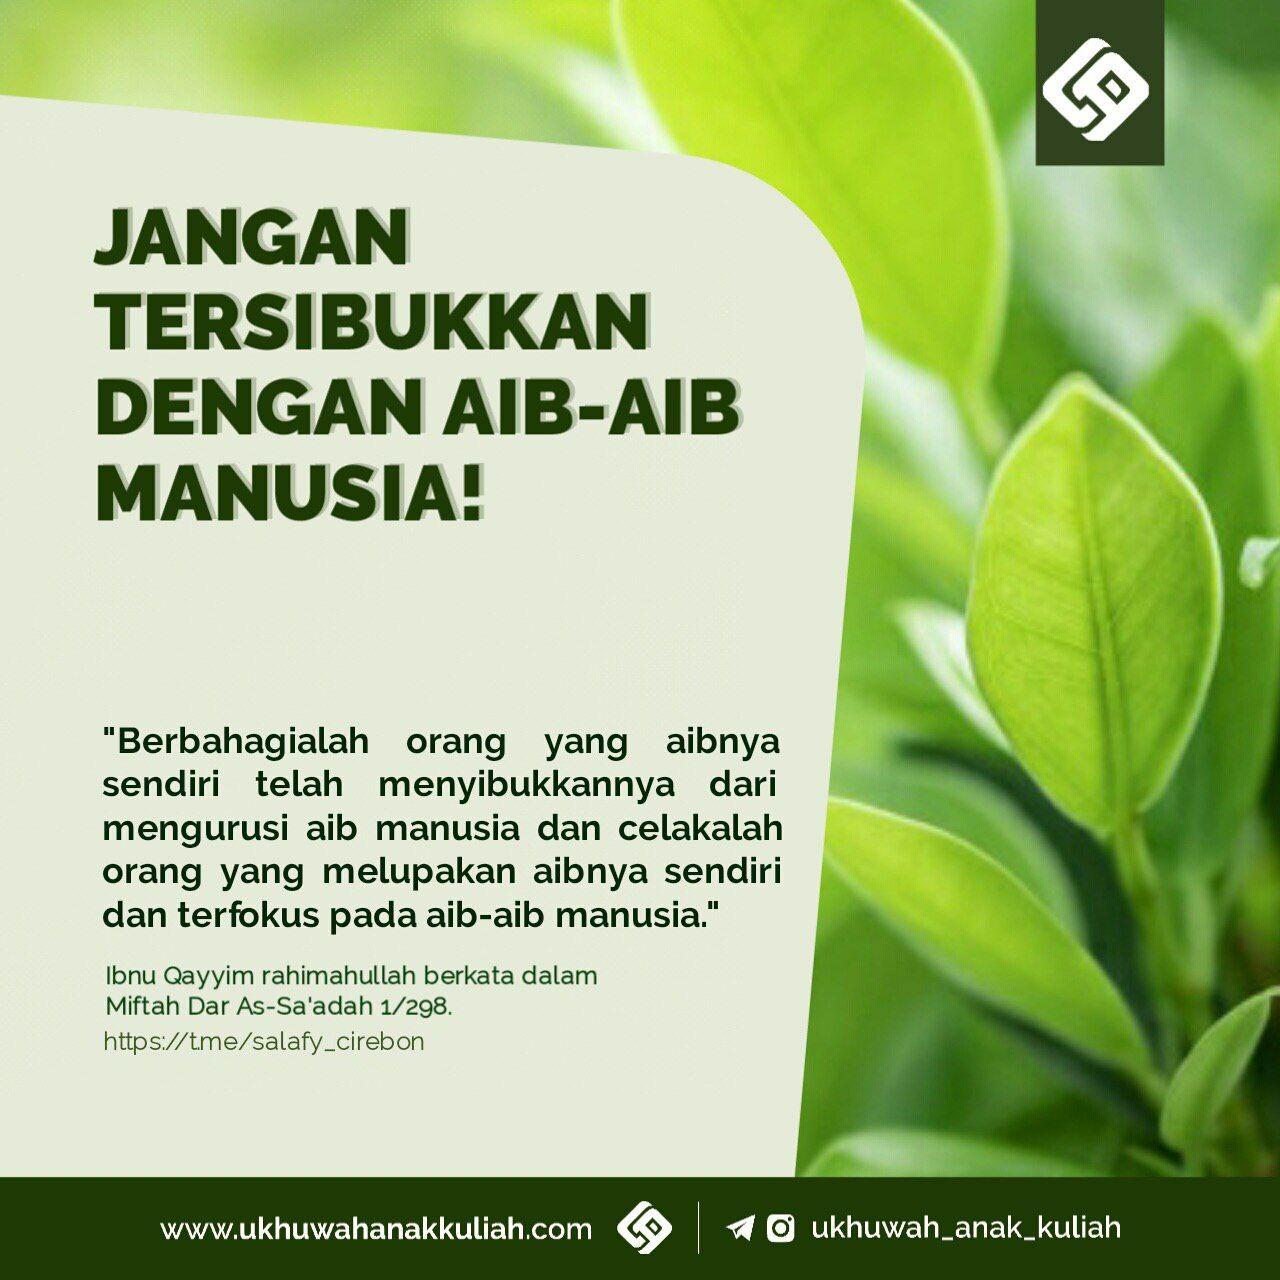 JANGAN TERSIBUKKAN DENGAN AIB-AIB MANUSIA!